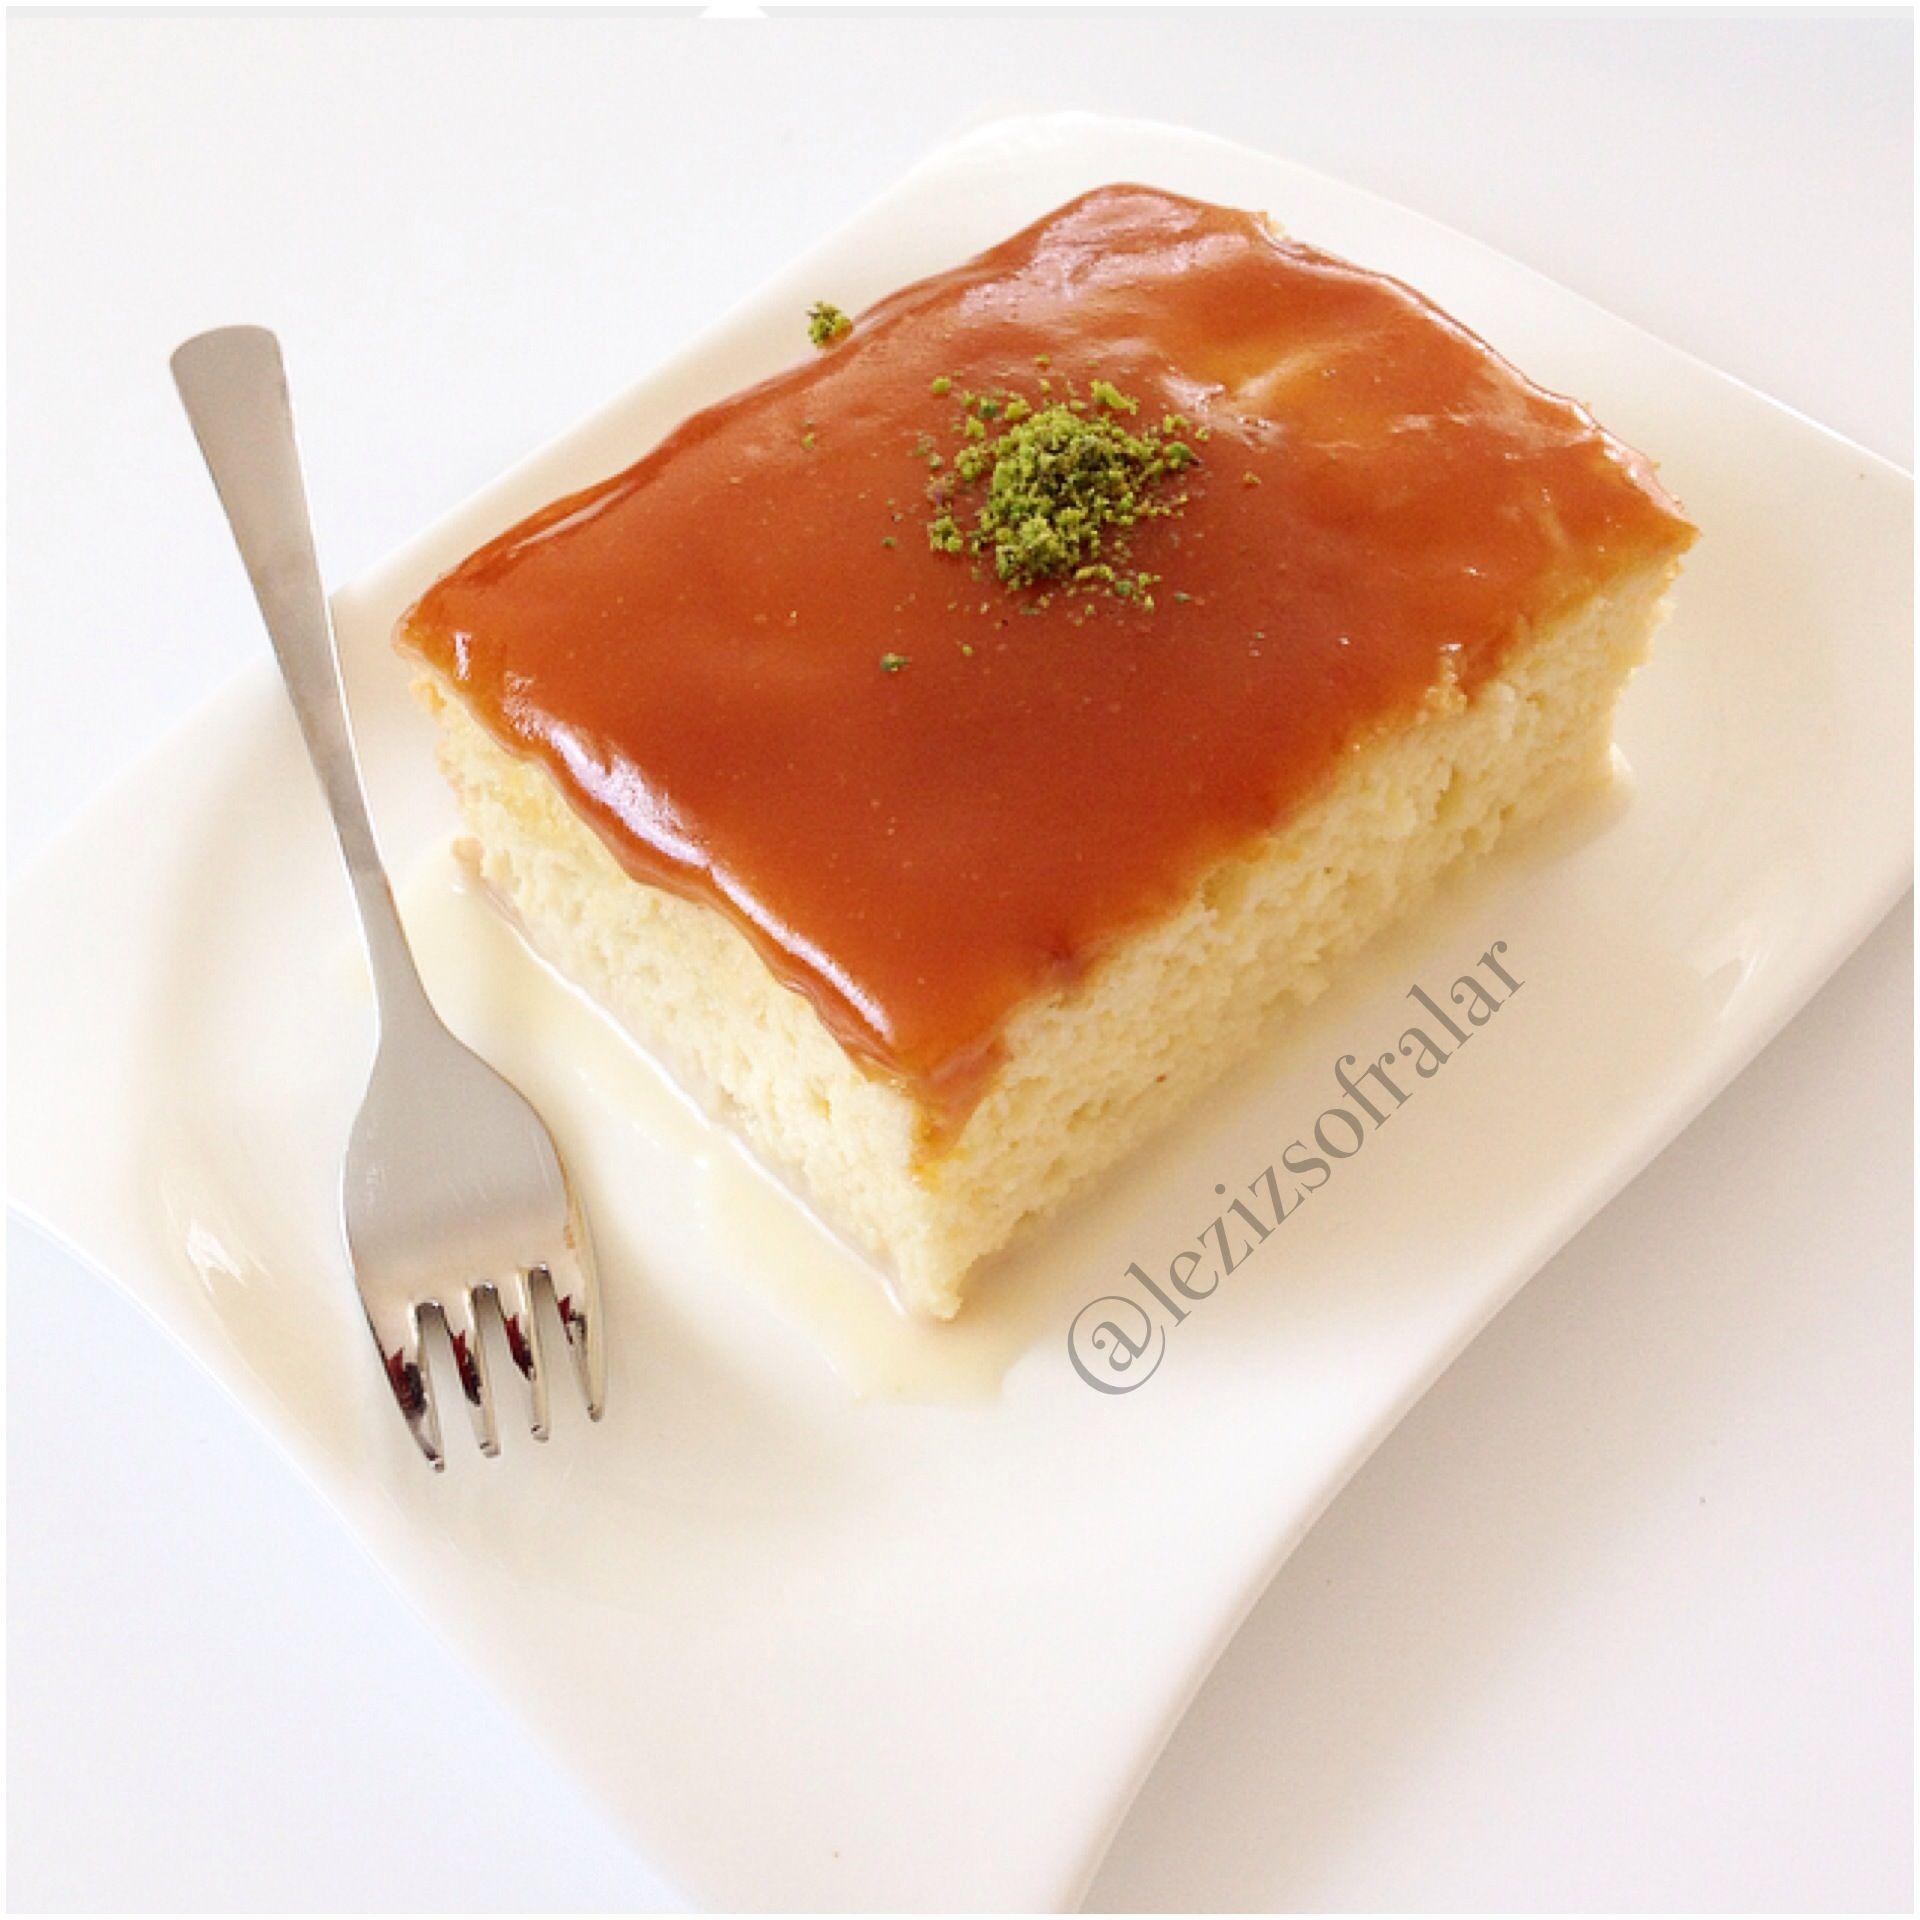 Damla sakızlı pasta tarifleri ile Etiketlenen Konular